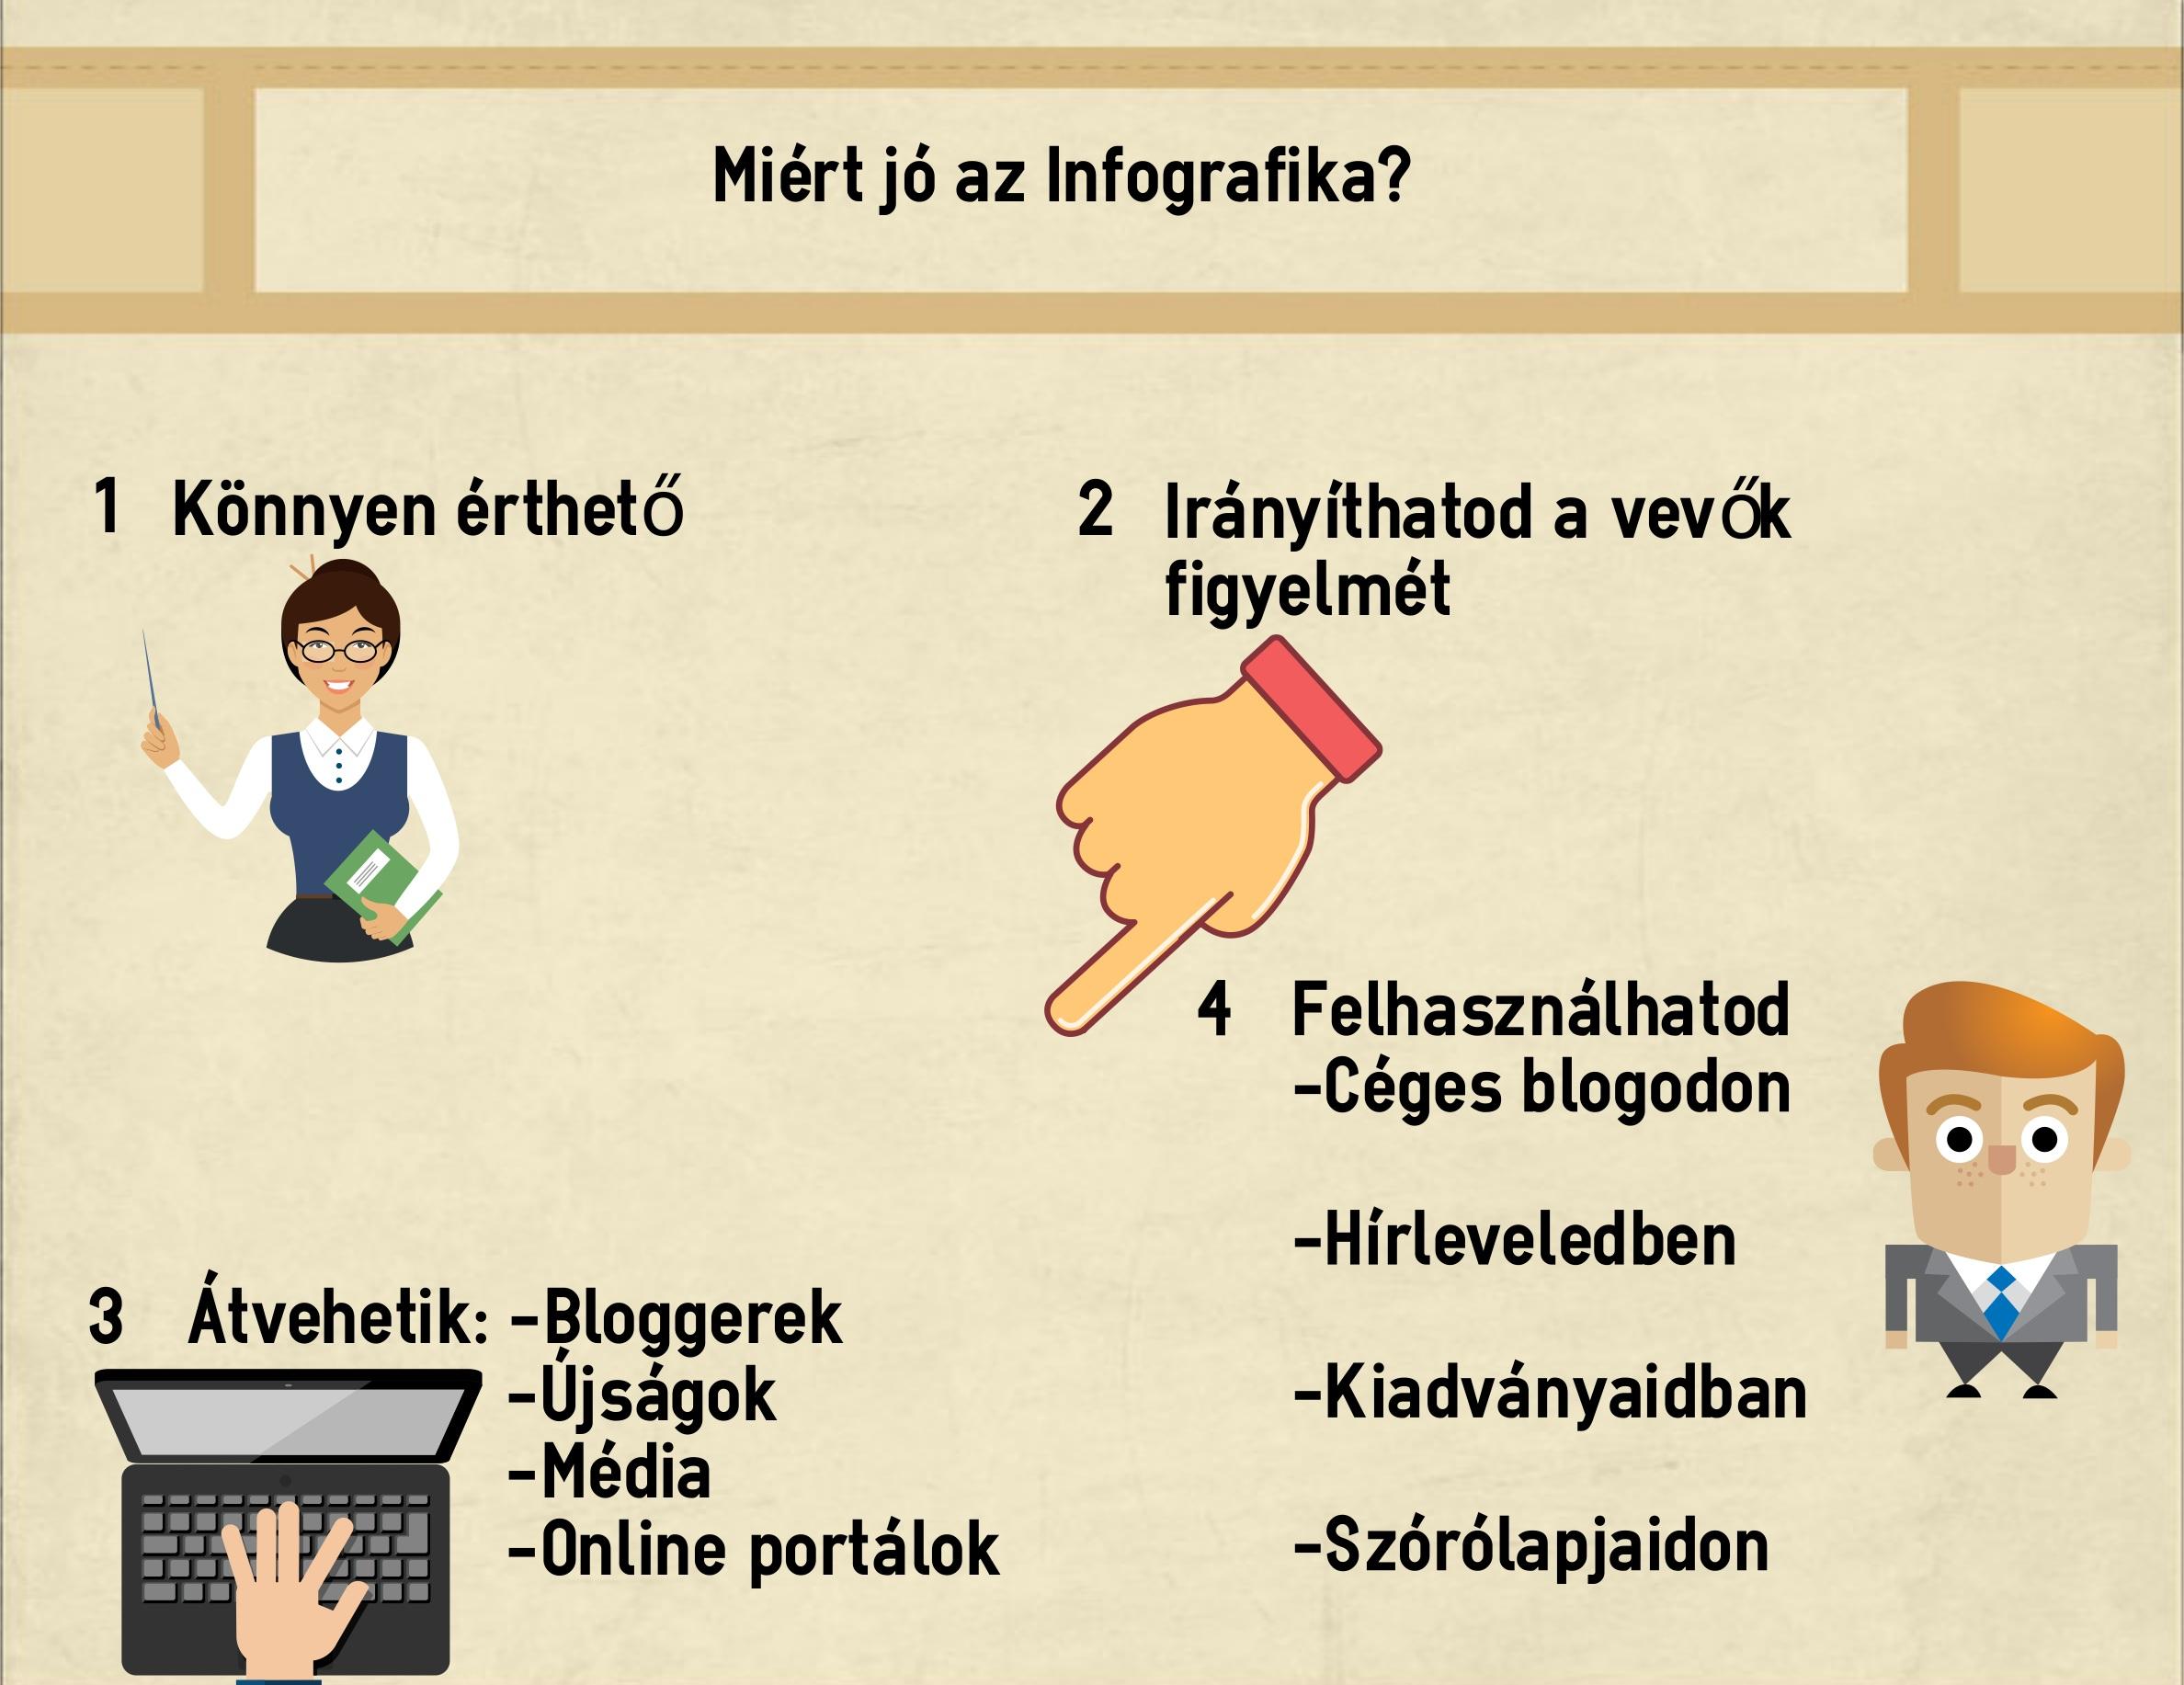 sajat_promociom_2.jpg